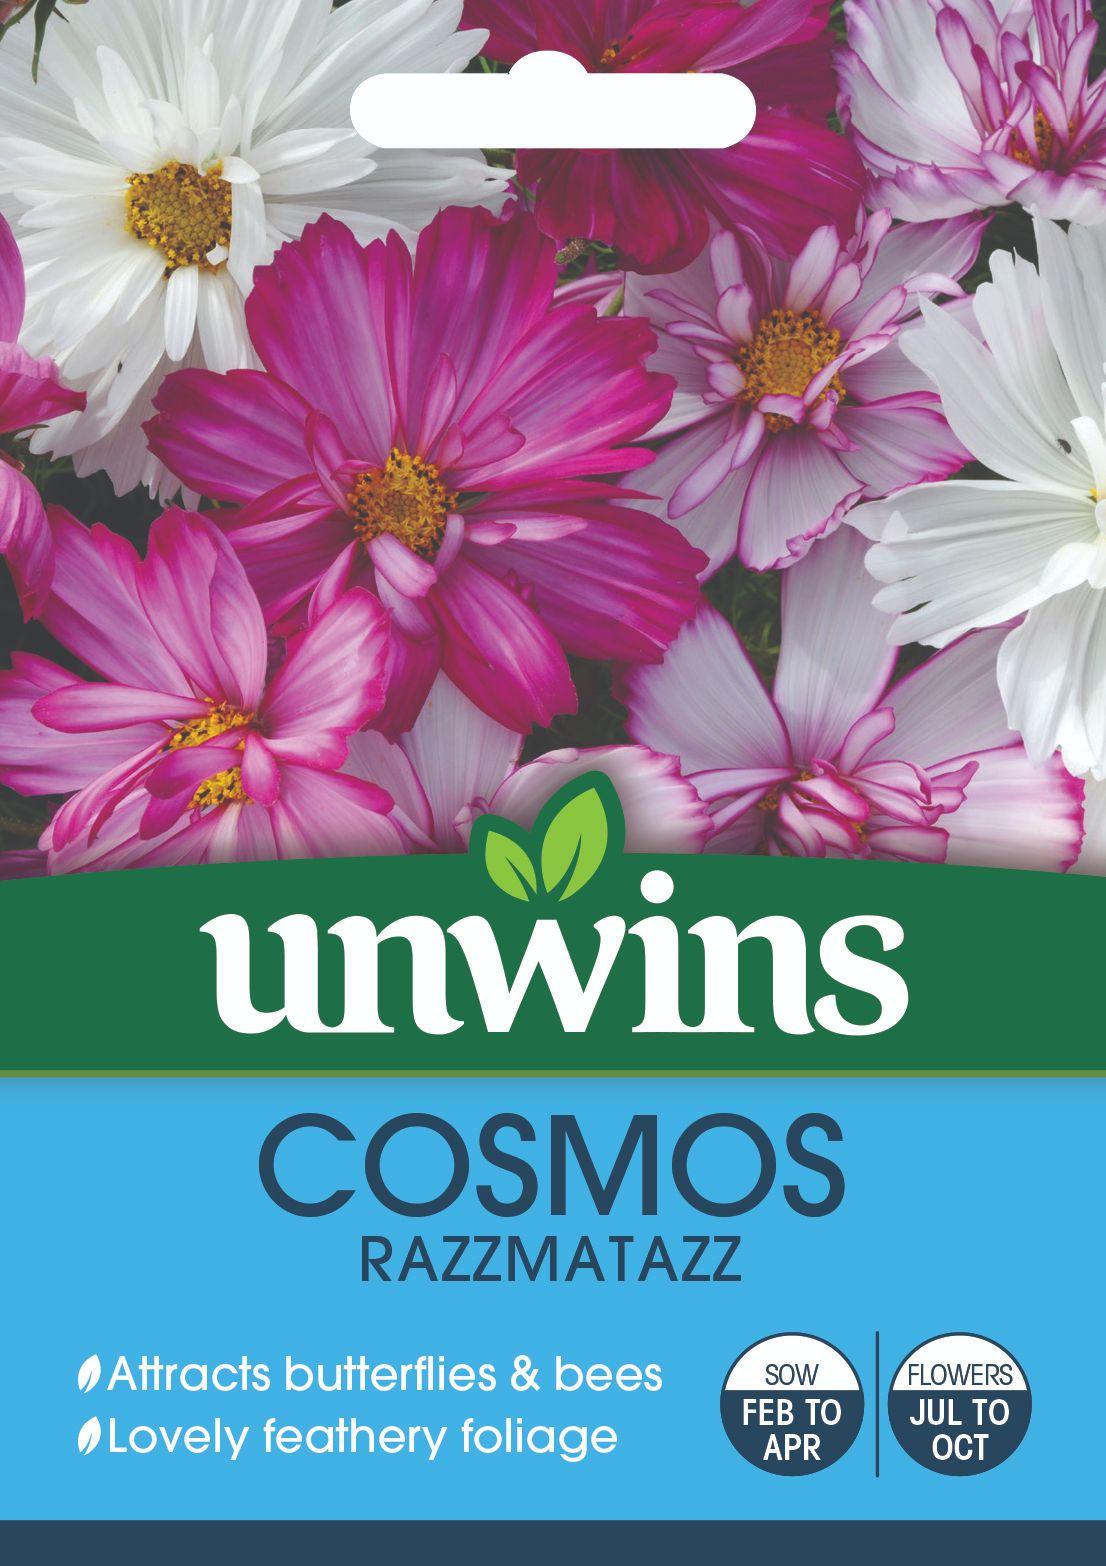 Cosmos Razzmatazz